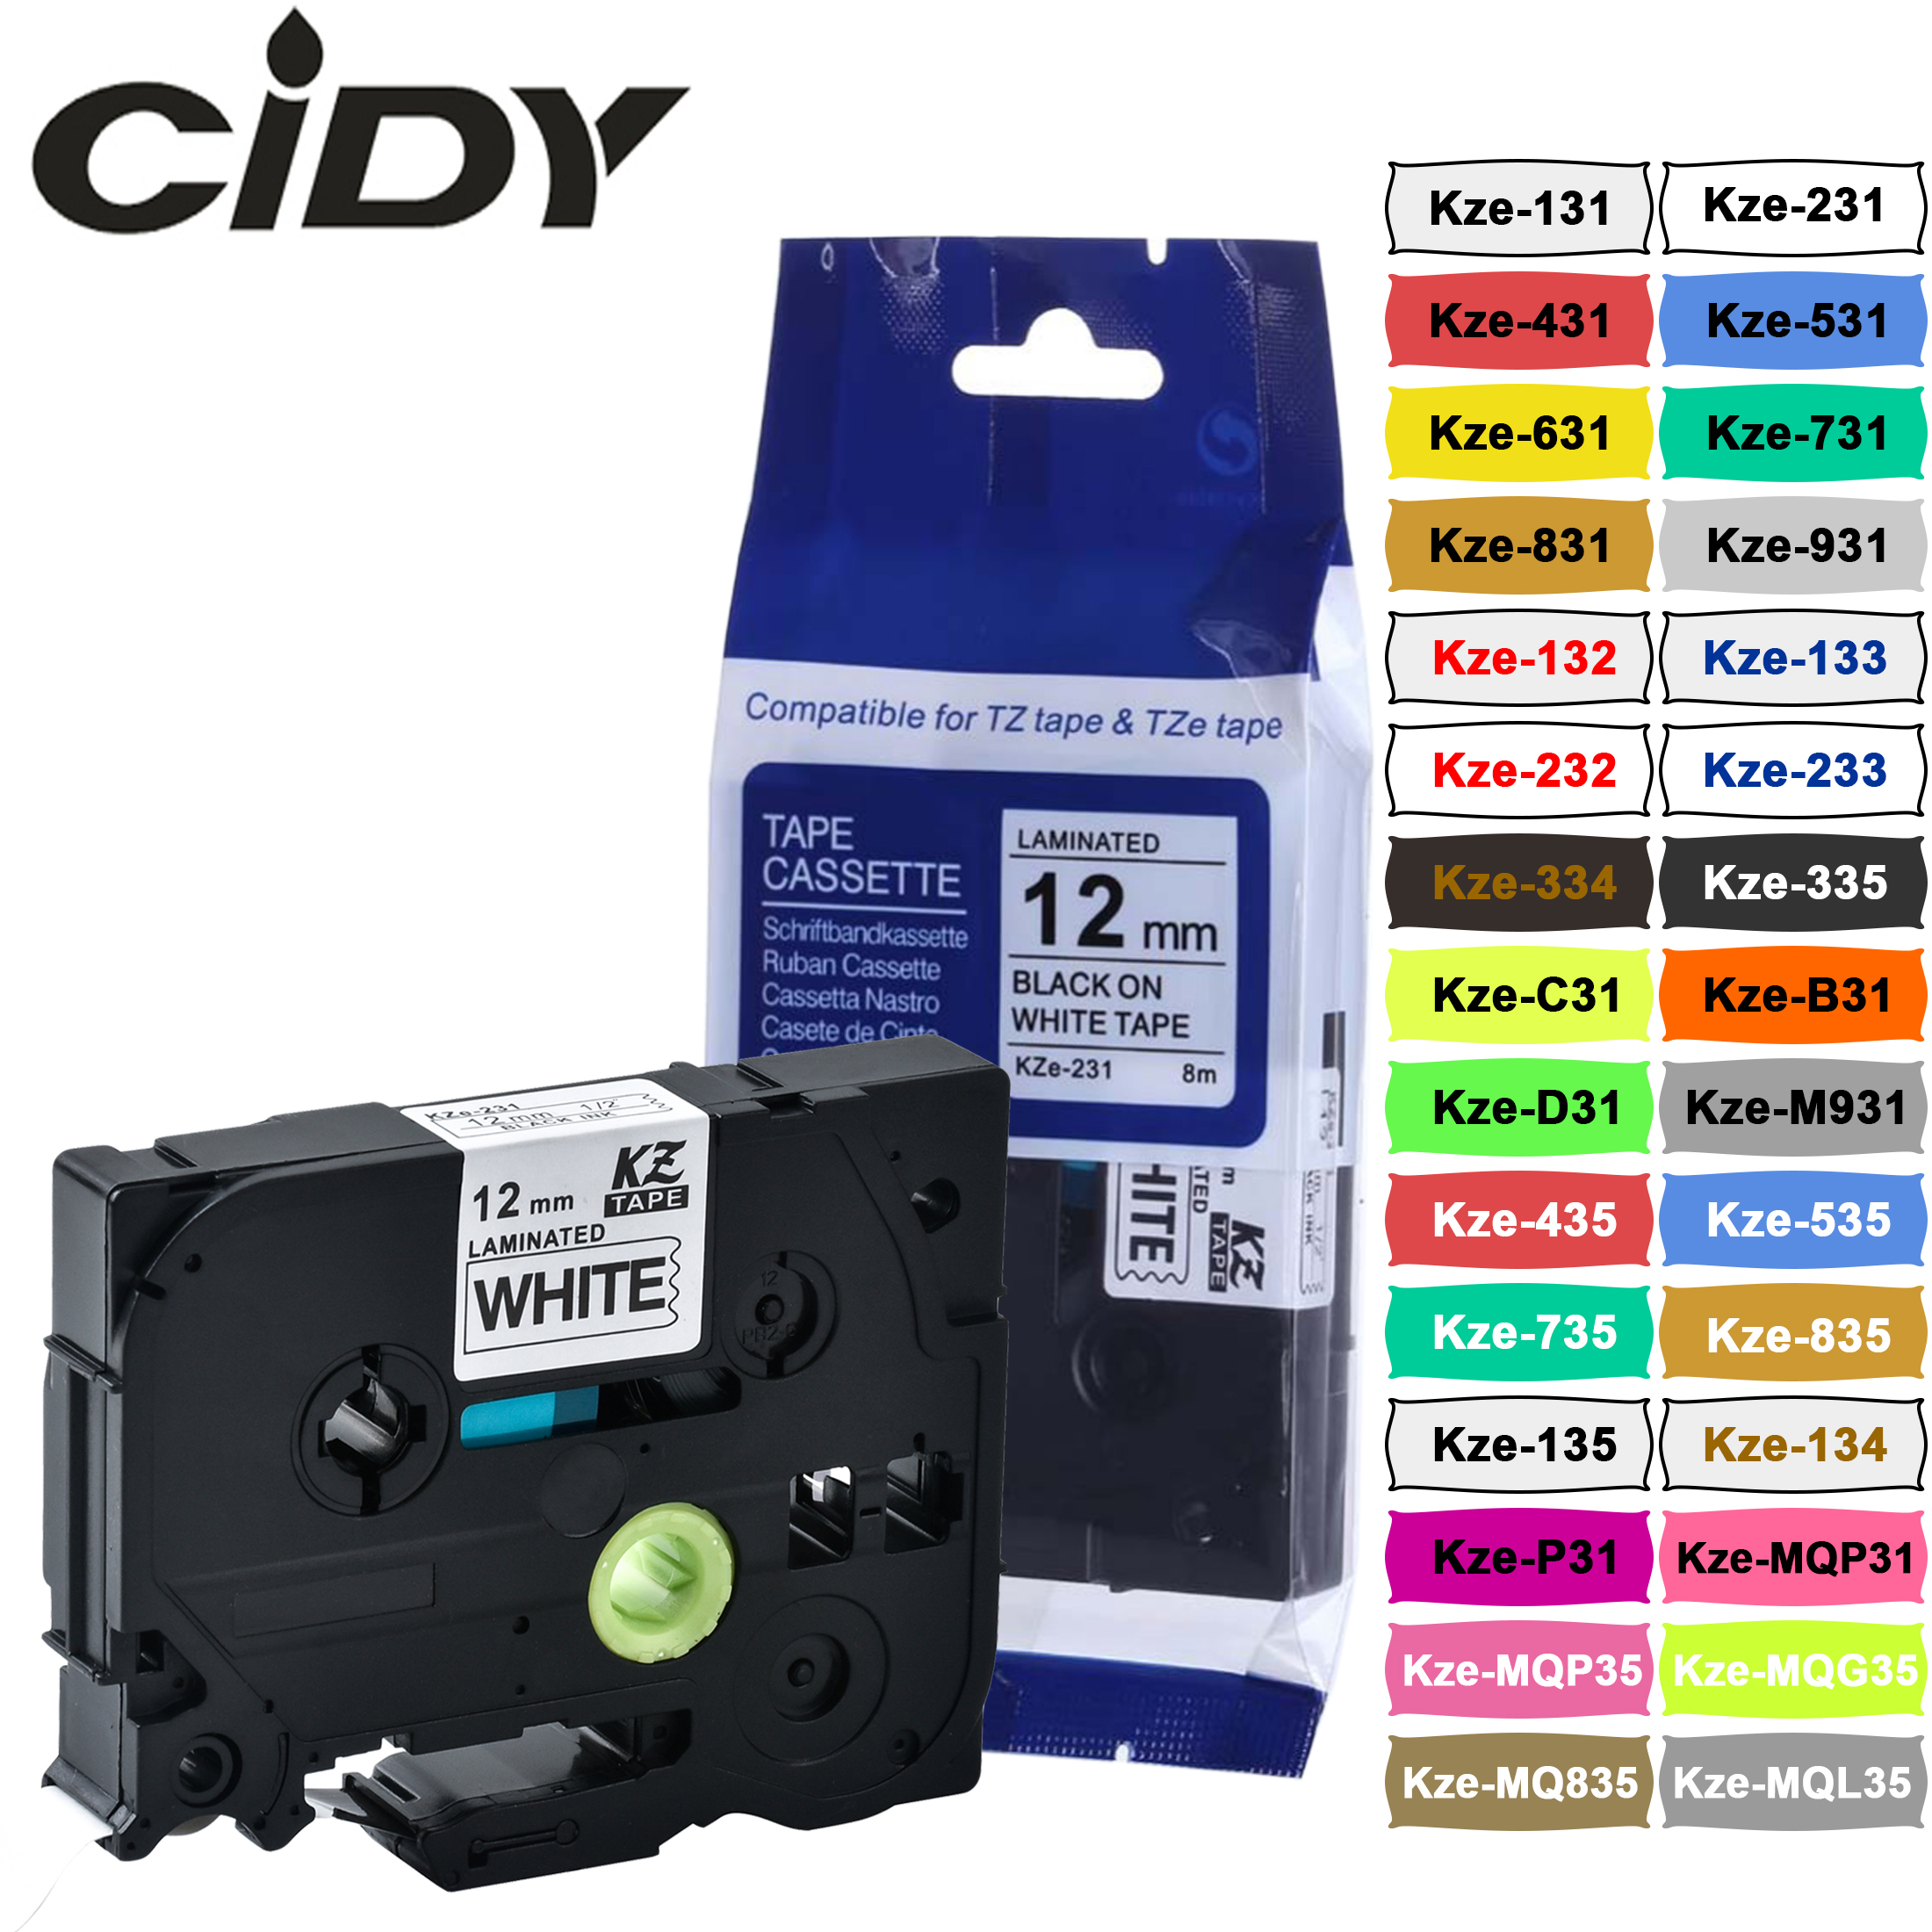 Cidy tz231 tz 231 tze 231 laminado adesivo tz-231 tze-231 etiqueta fita p toque preto no branco compatível para o irmão tze-131 631